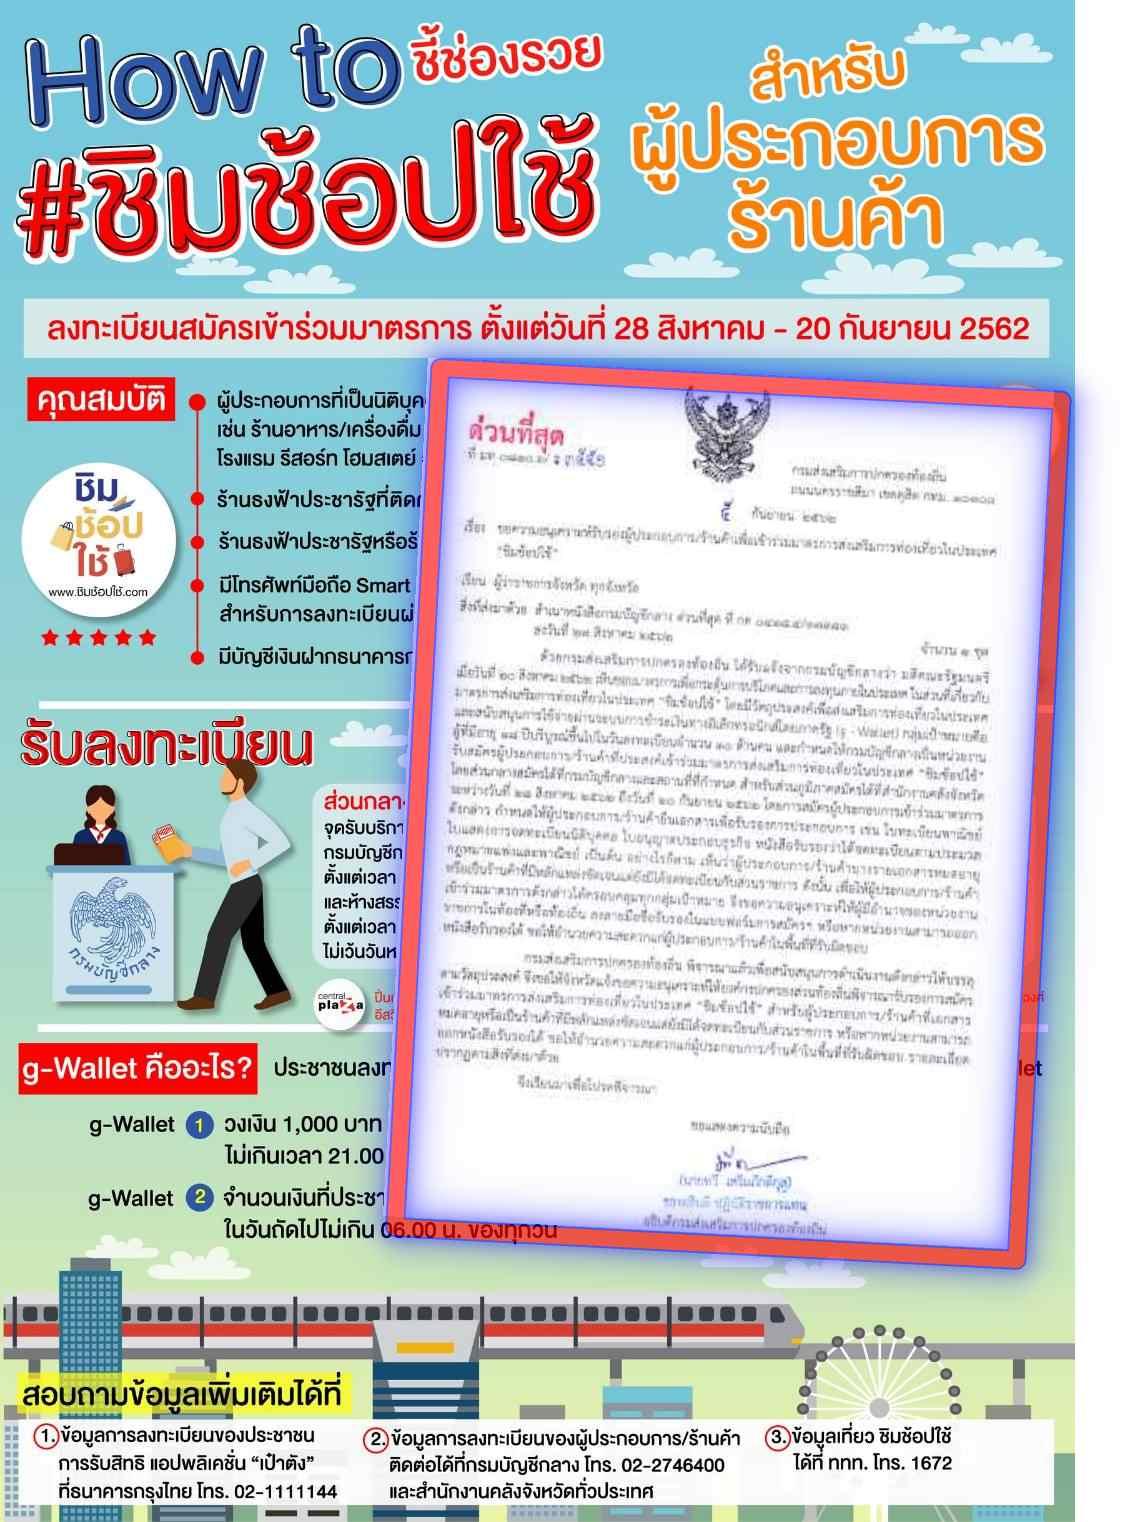 """มหาดไทย รับลูก """"ชิมช้อปใช้"""" แก้ปมลงทะเบียนไม่ตรงเป้า! จี้อปท. เร่งรับรองเอกสารร้านค้า ให้ทันกำหนดเปิด 27 ก.ย."""